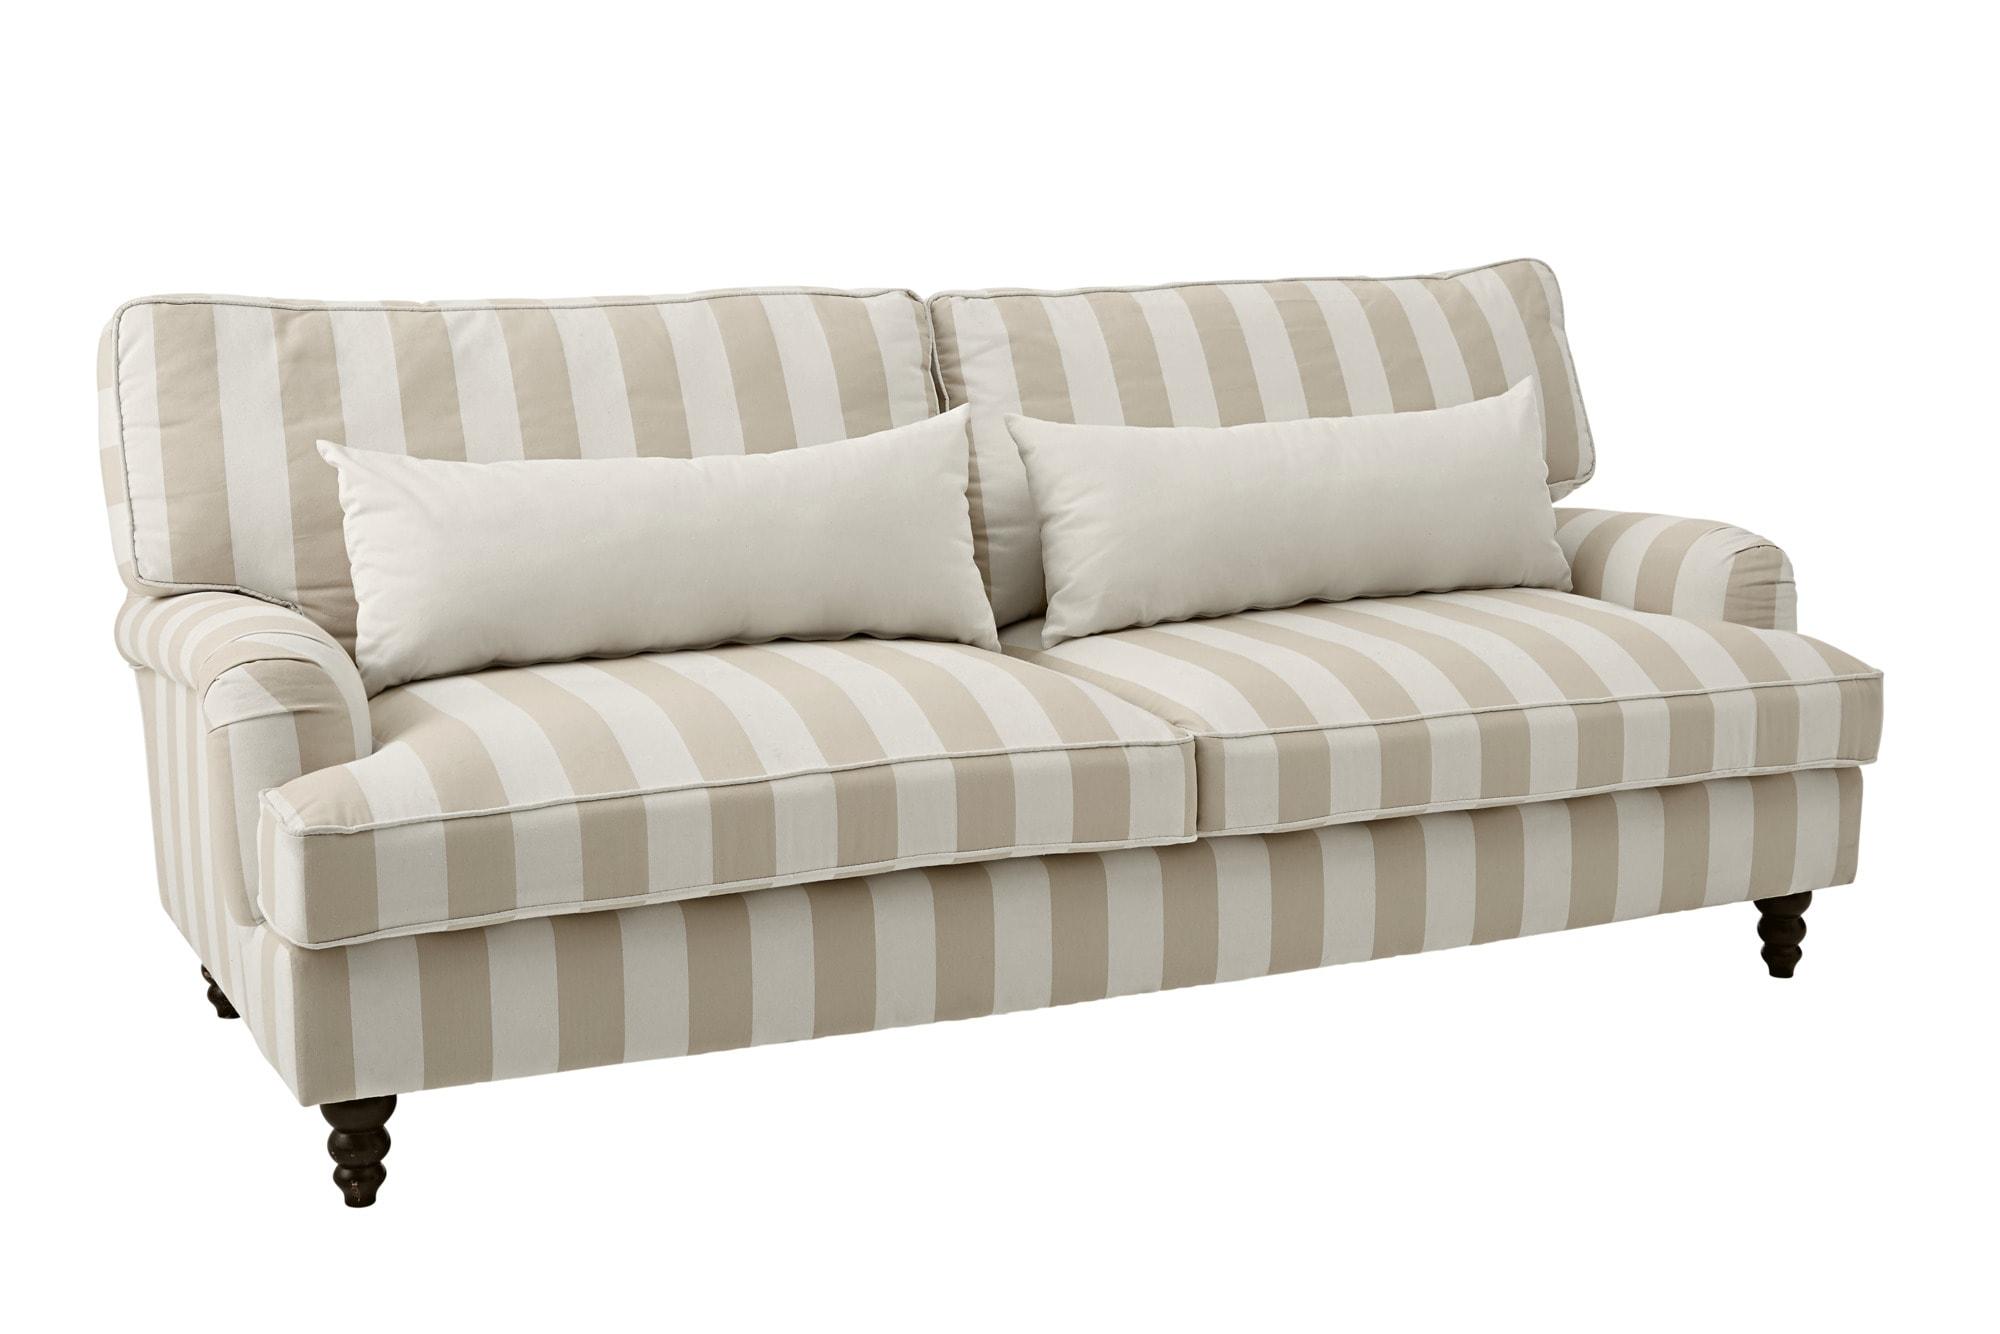 heine home Sofa Sitz auf Wellenunterfederung Preisvergleich